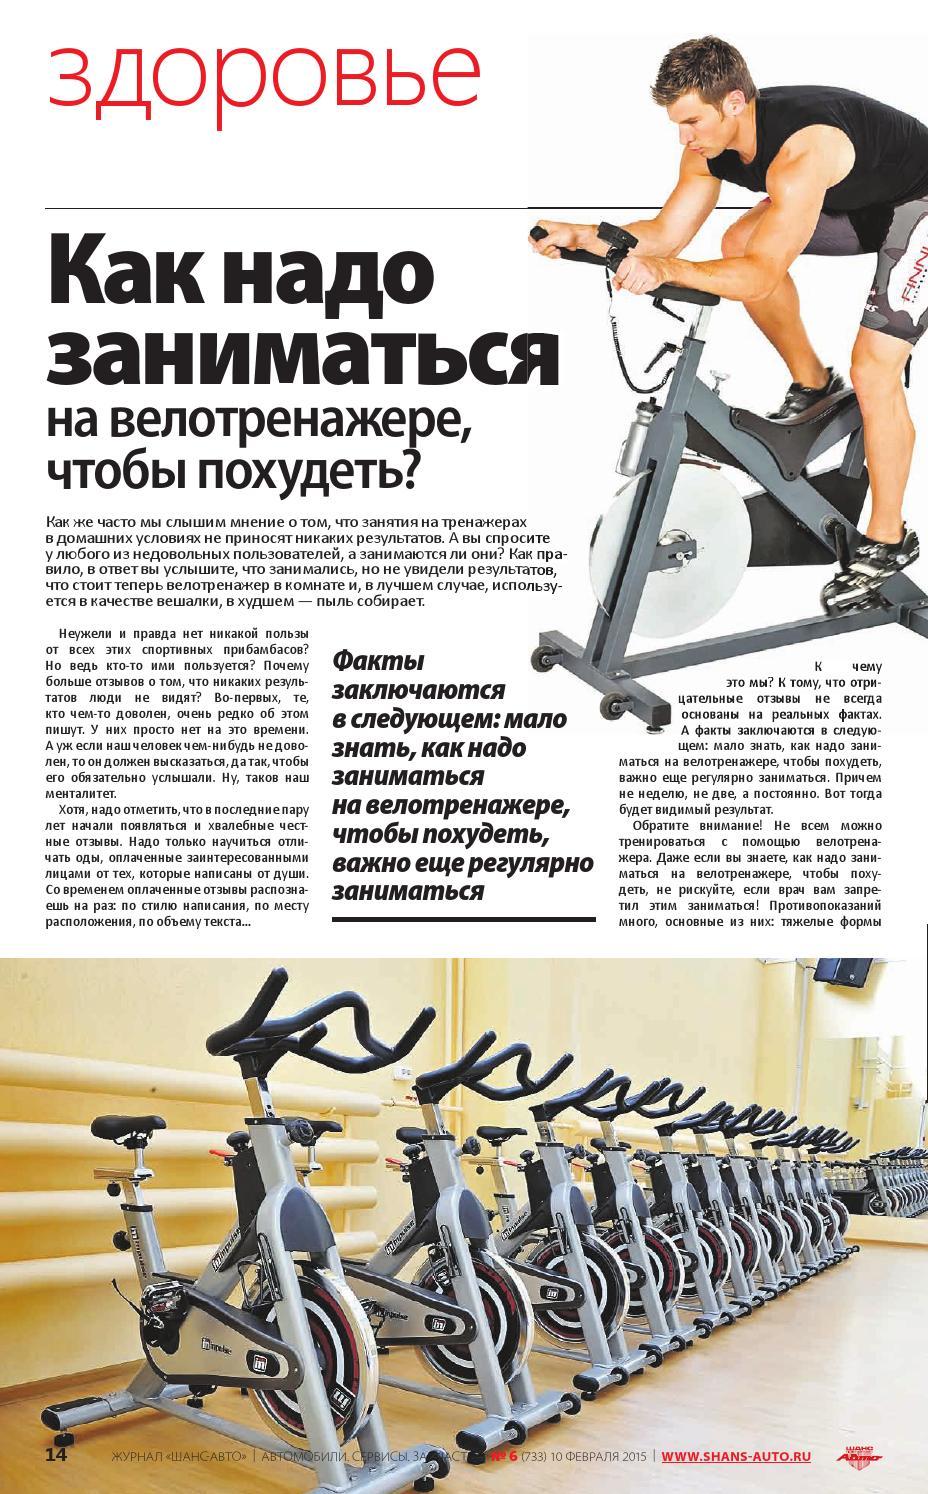 Системами Тренировок Для Похудения На Велотренажере. Самые эффективные занятия на велотренажере для похудения, программа тренировок